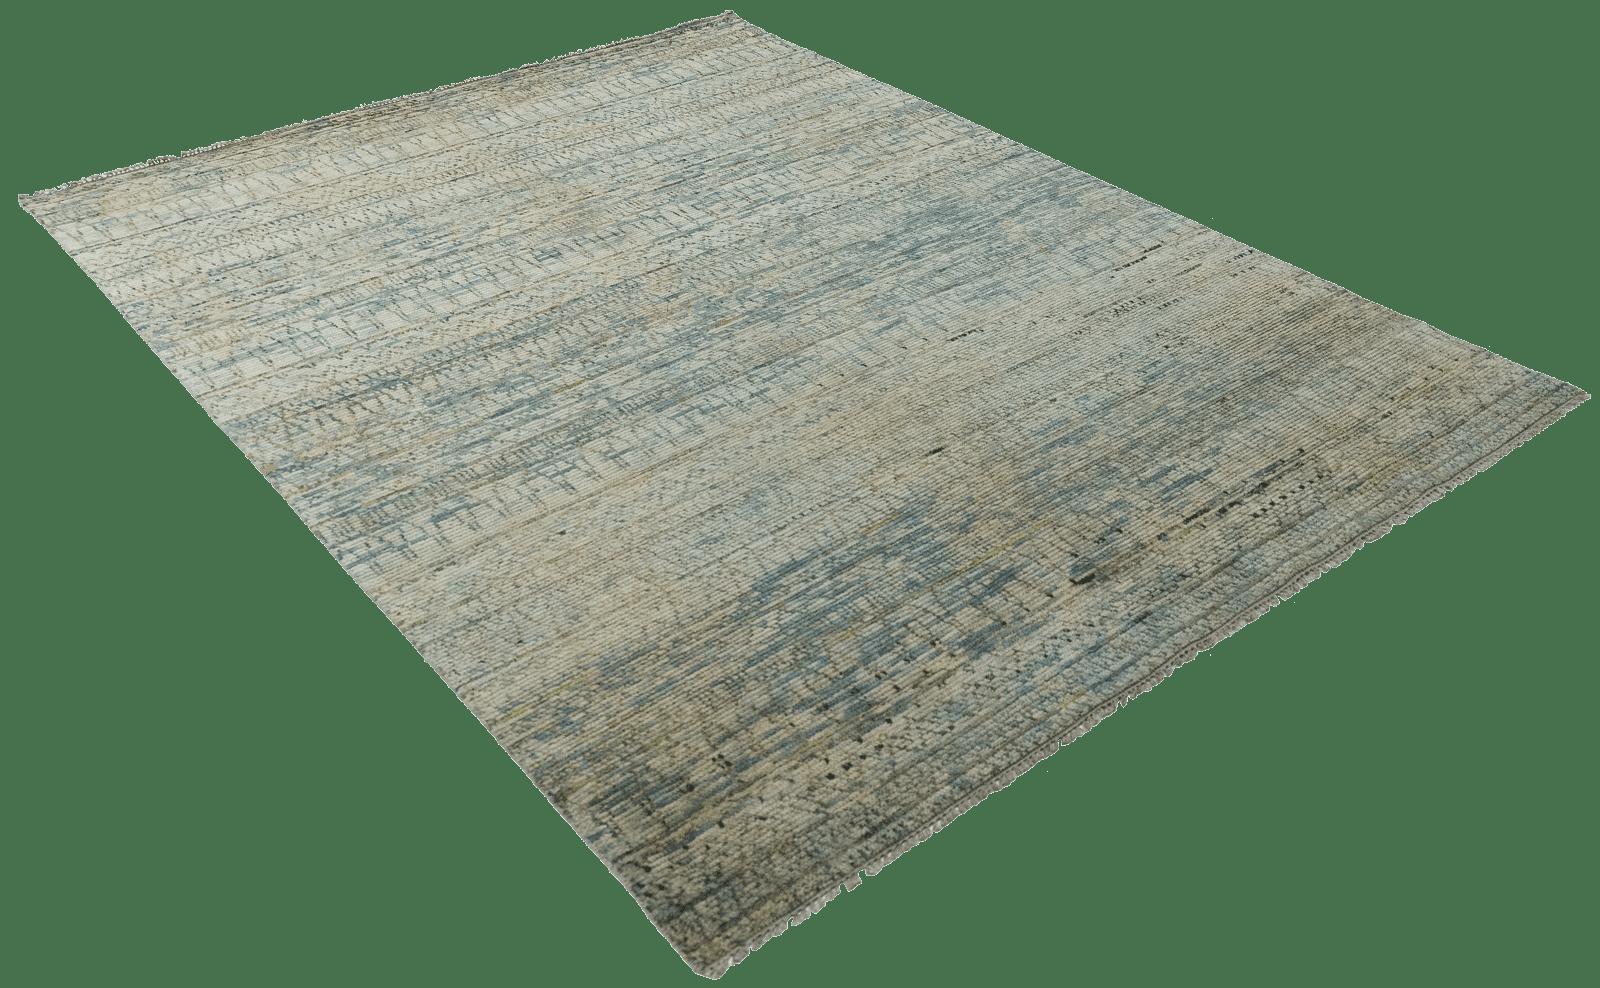 sari-silk-ibiza-sky-design-tapijt-moderne-tapijten-handgeknoopte-design-exclusieve-luxe-vloerkleden-koreman-maastricht